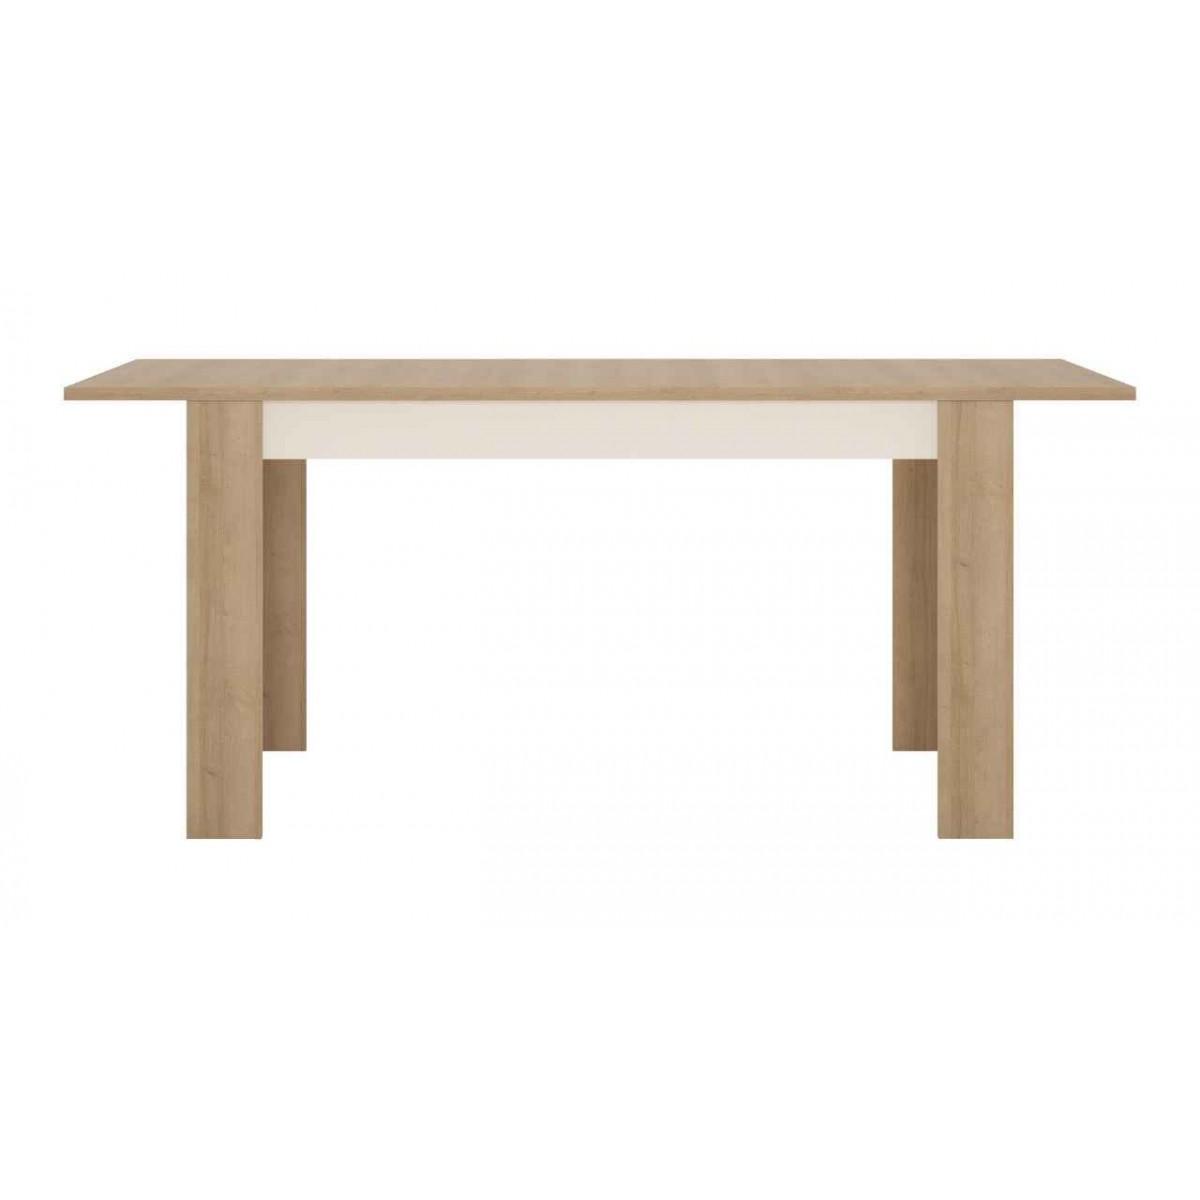 Stół rozkładany 140-180 cm x 90 cm (6 osób) Dąb riviera jasny Lyon Jasny LYOT03